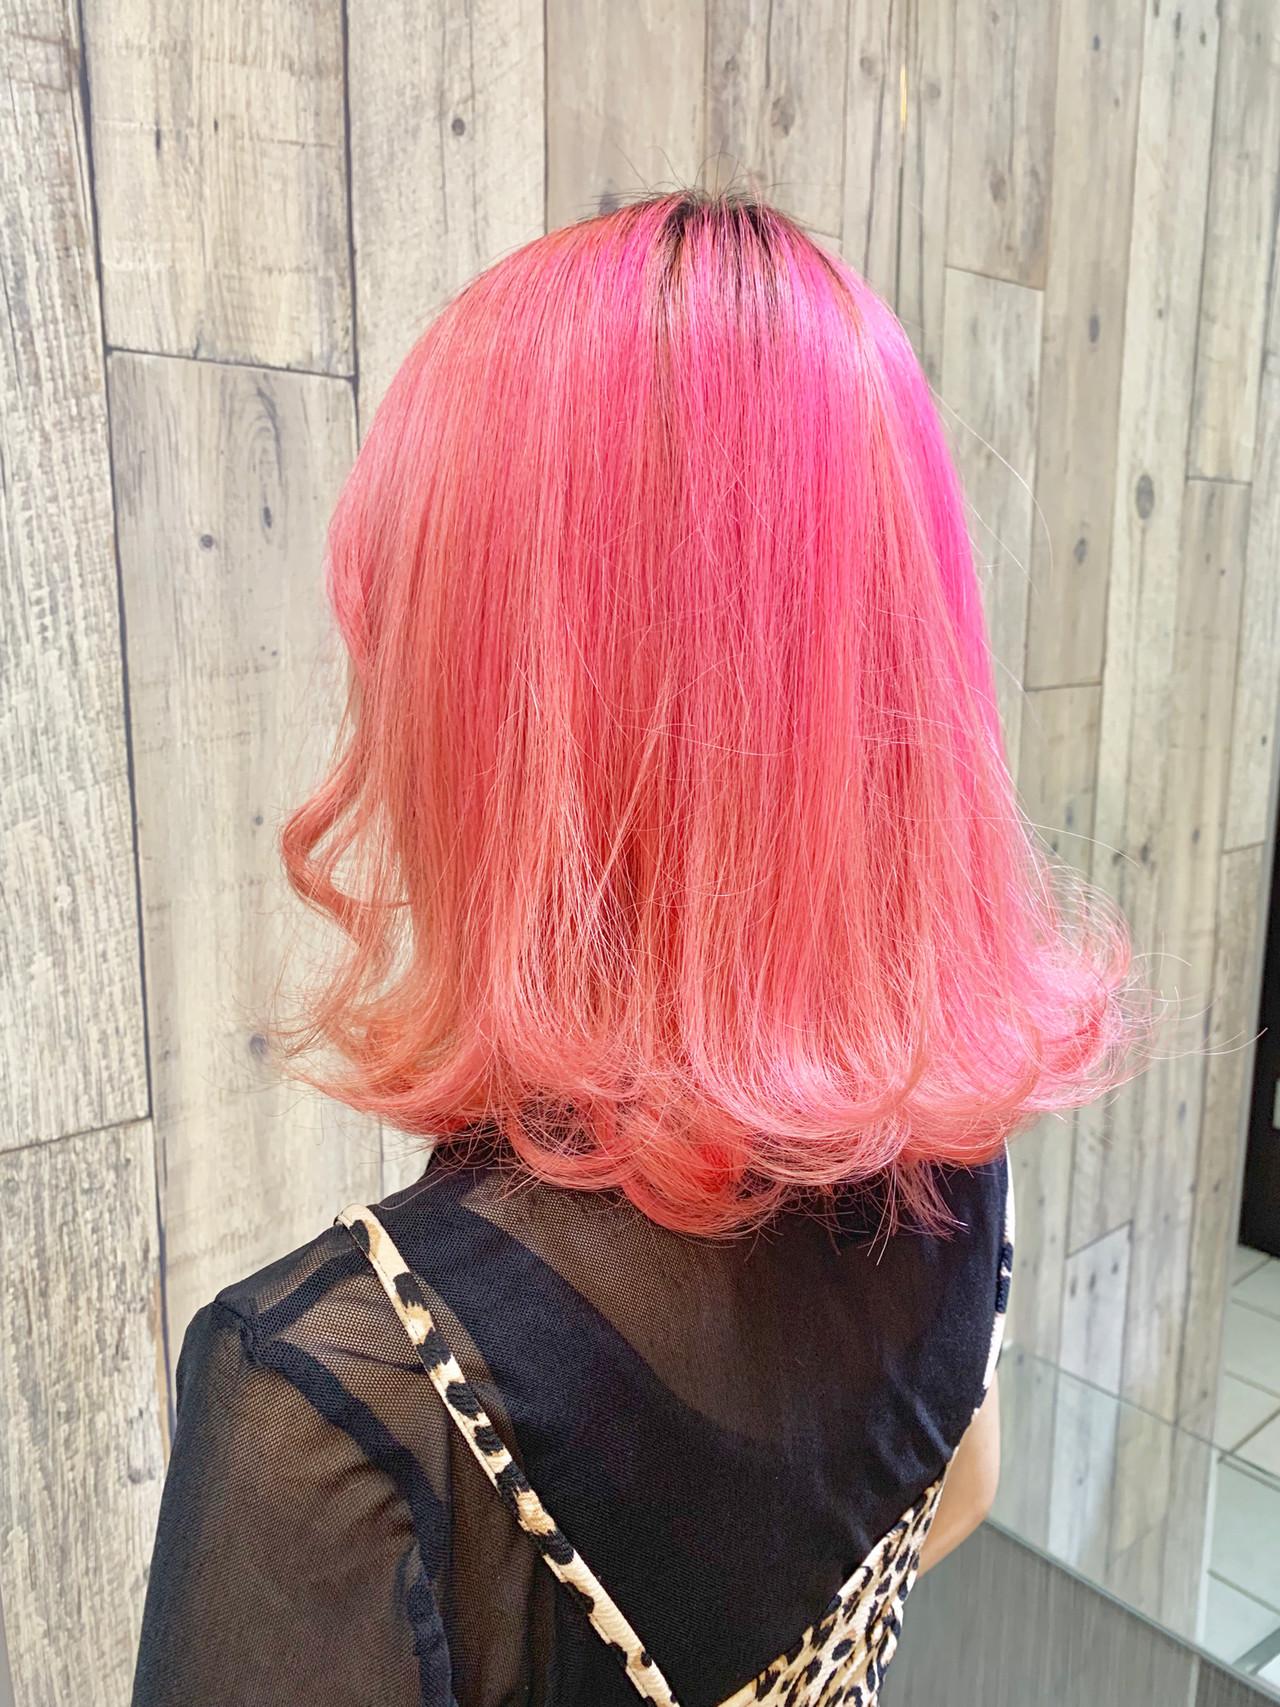 ピンクアッシュ ベリーピンク ラベンダーピンク ミディアム ヘアスタイルや髪型の写真・画像 | 土屋一貴 / TOMCAT